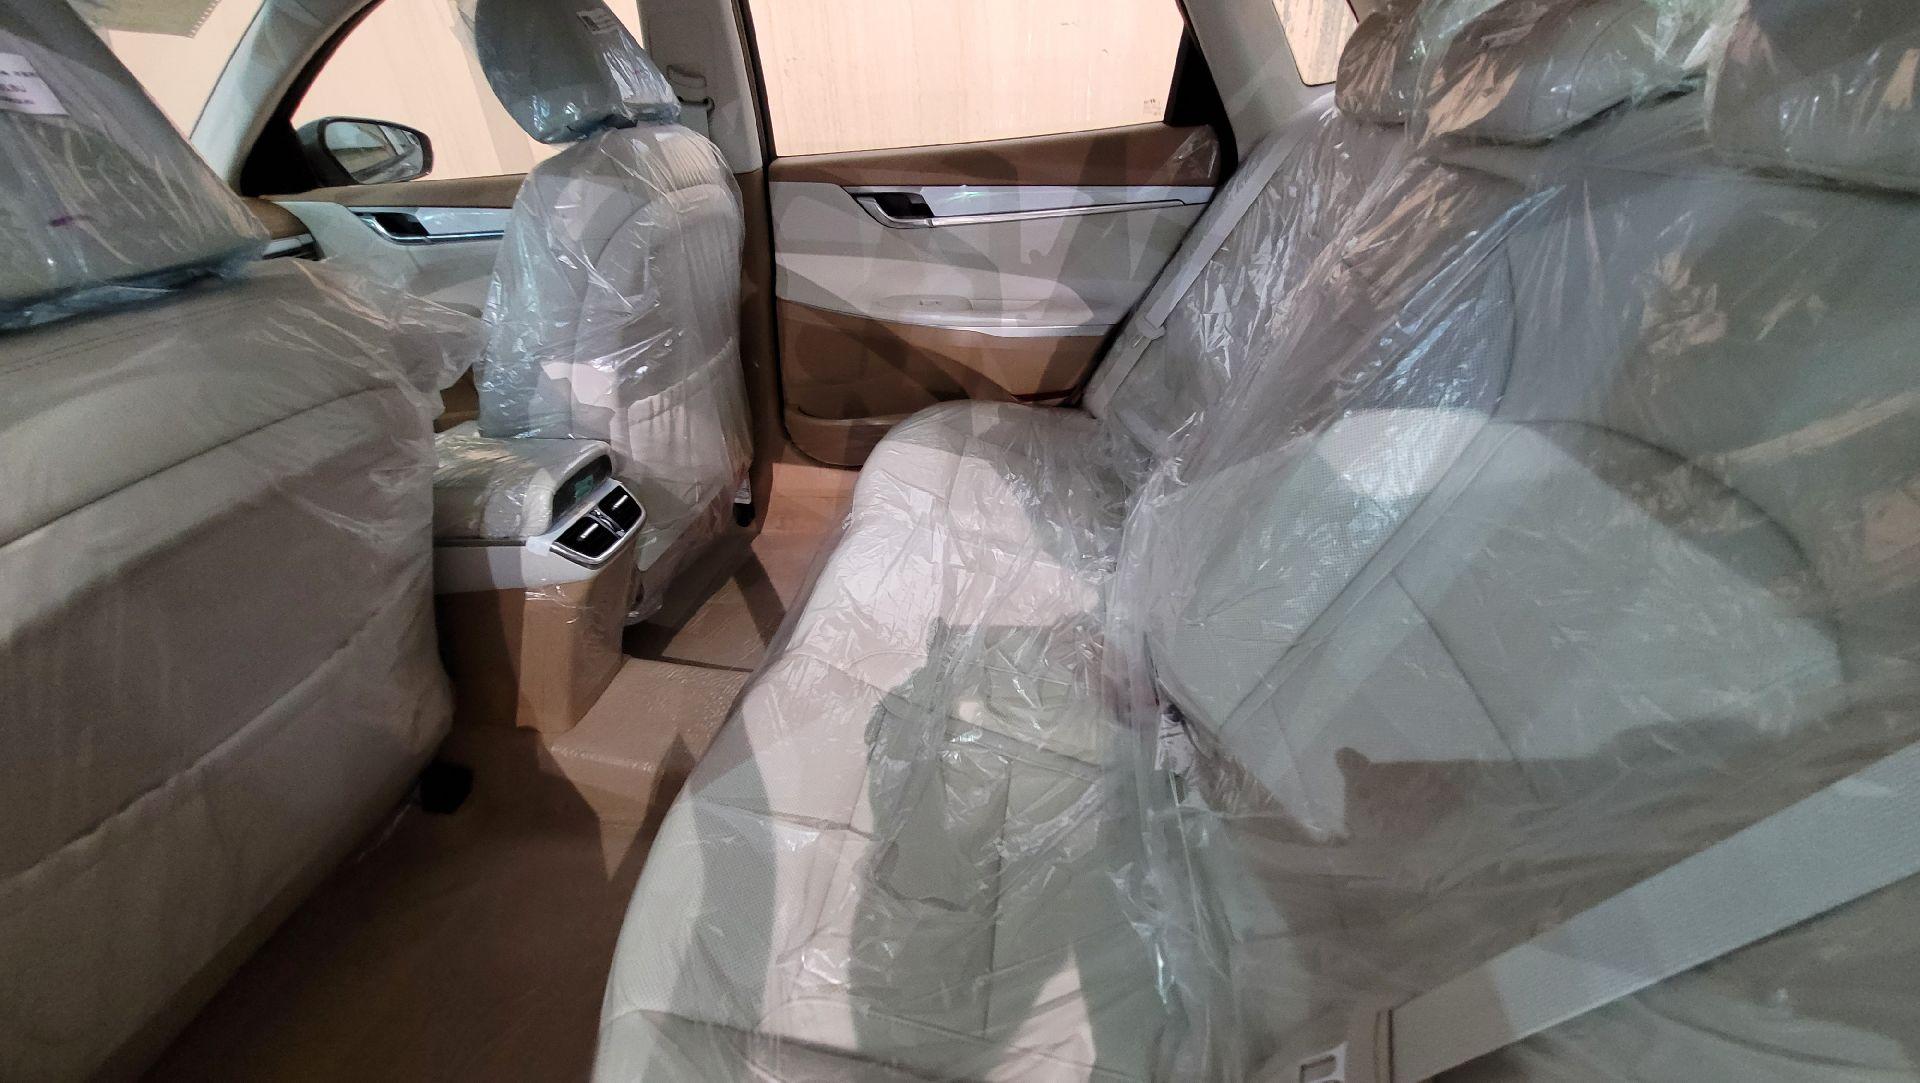 مباع - هونداي ازيرا Smart 2022 ستاندر سعودي للبيع في الرياض - السعودية - صورة كبيرة - 8